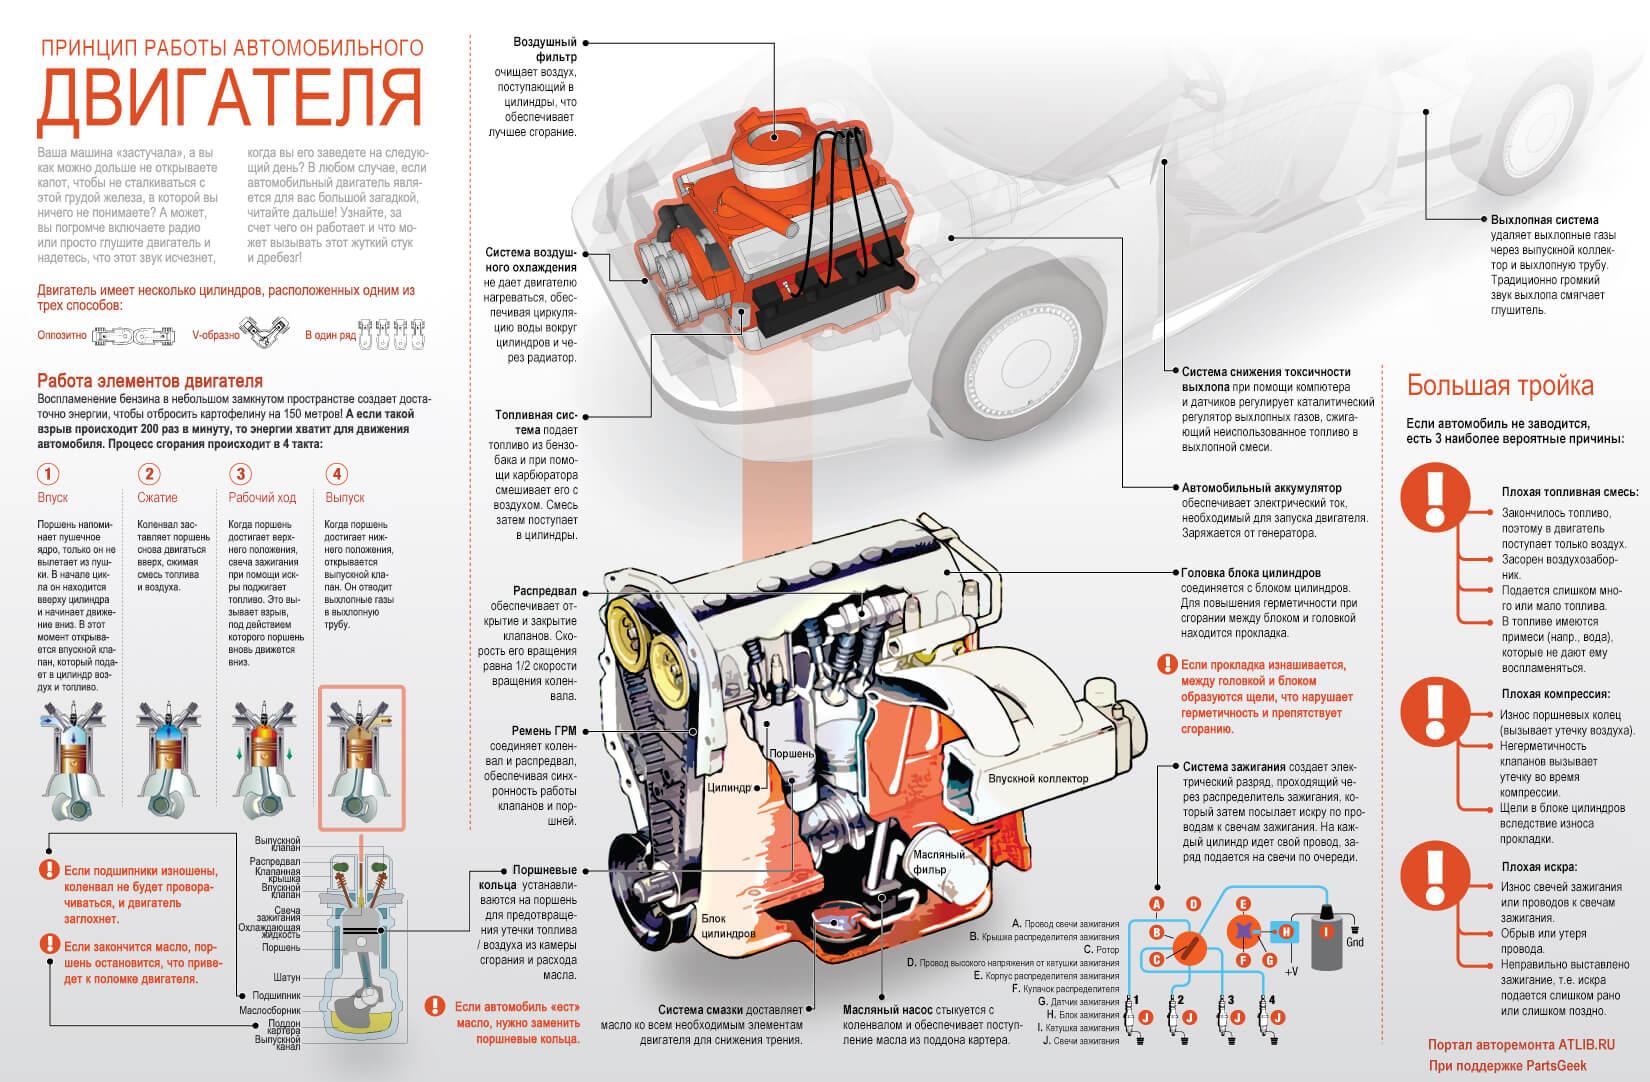 Инфографика: двигатель автомобиля